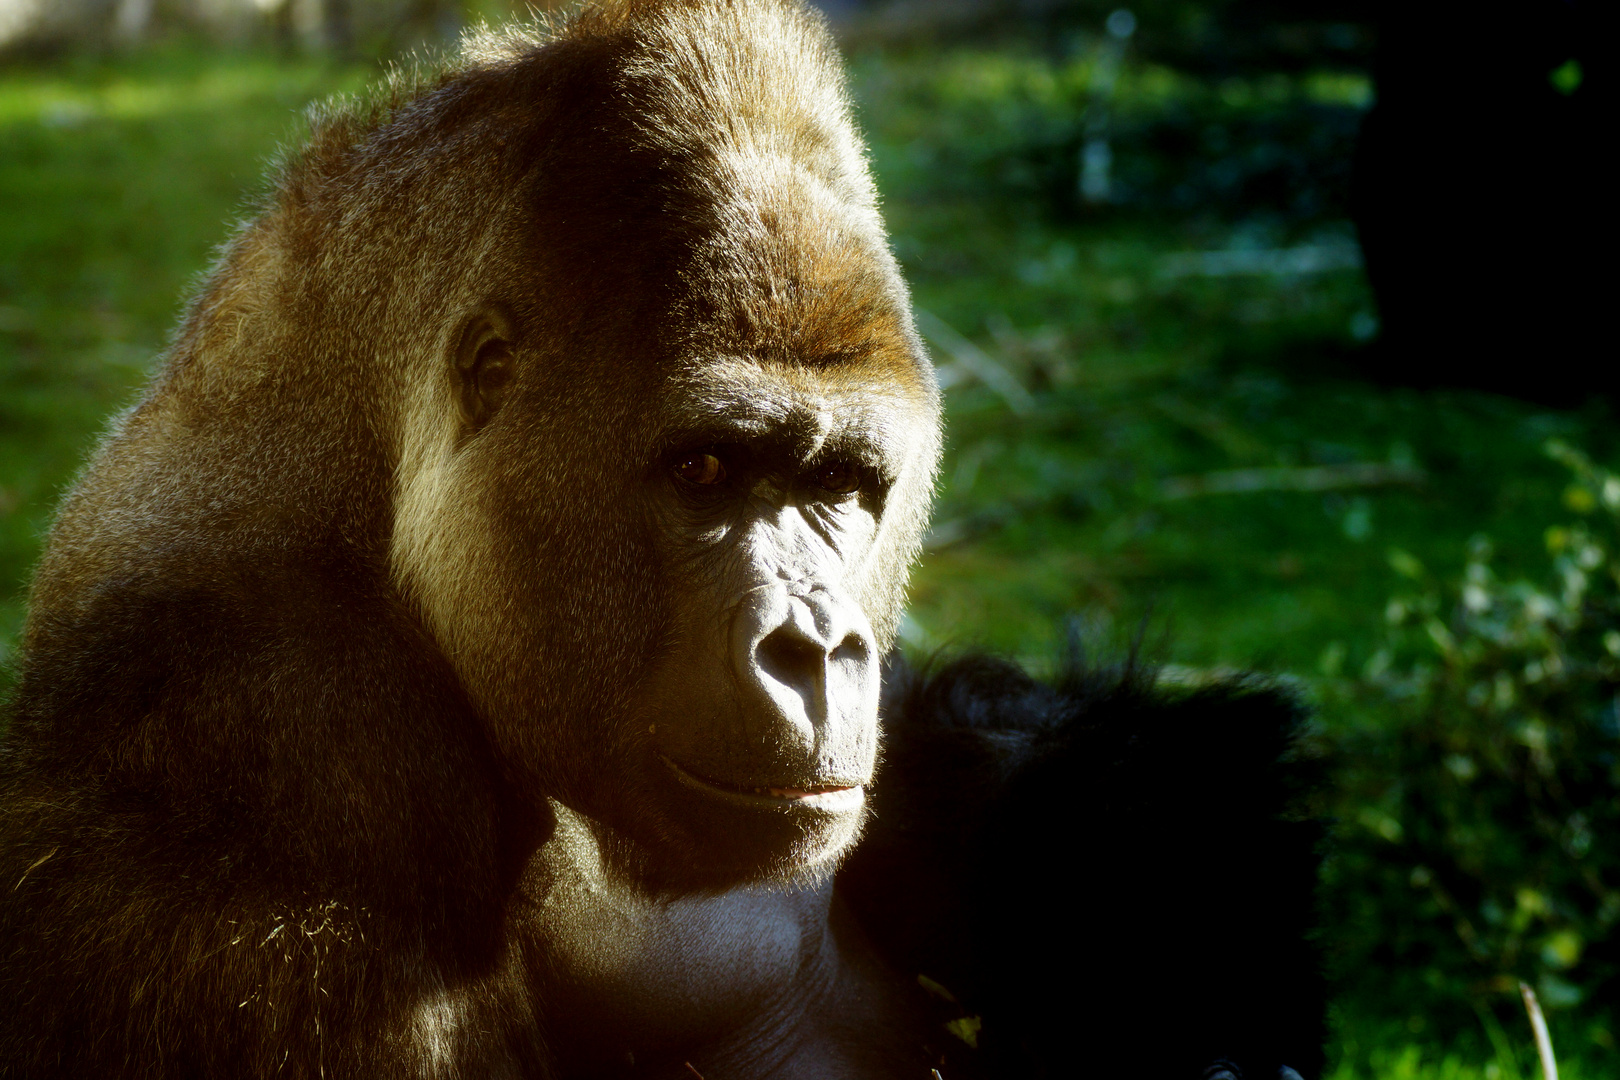 Gorilla ganz porno